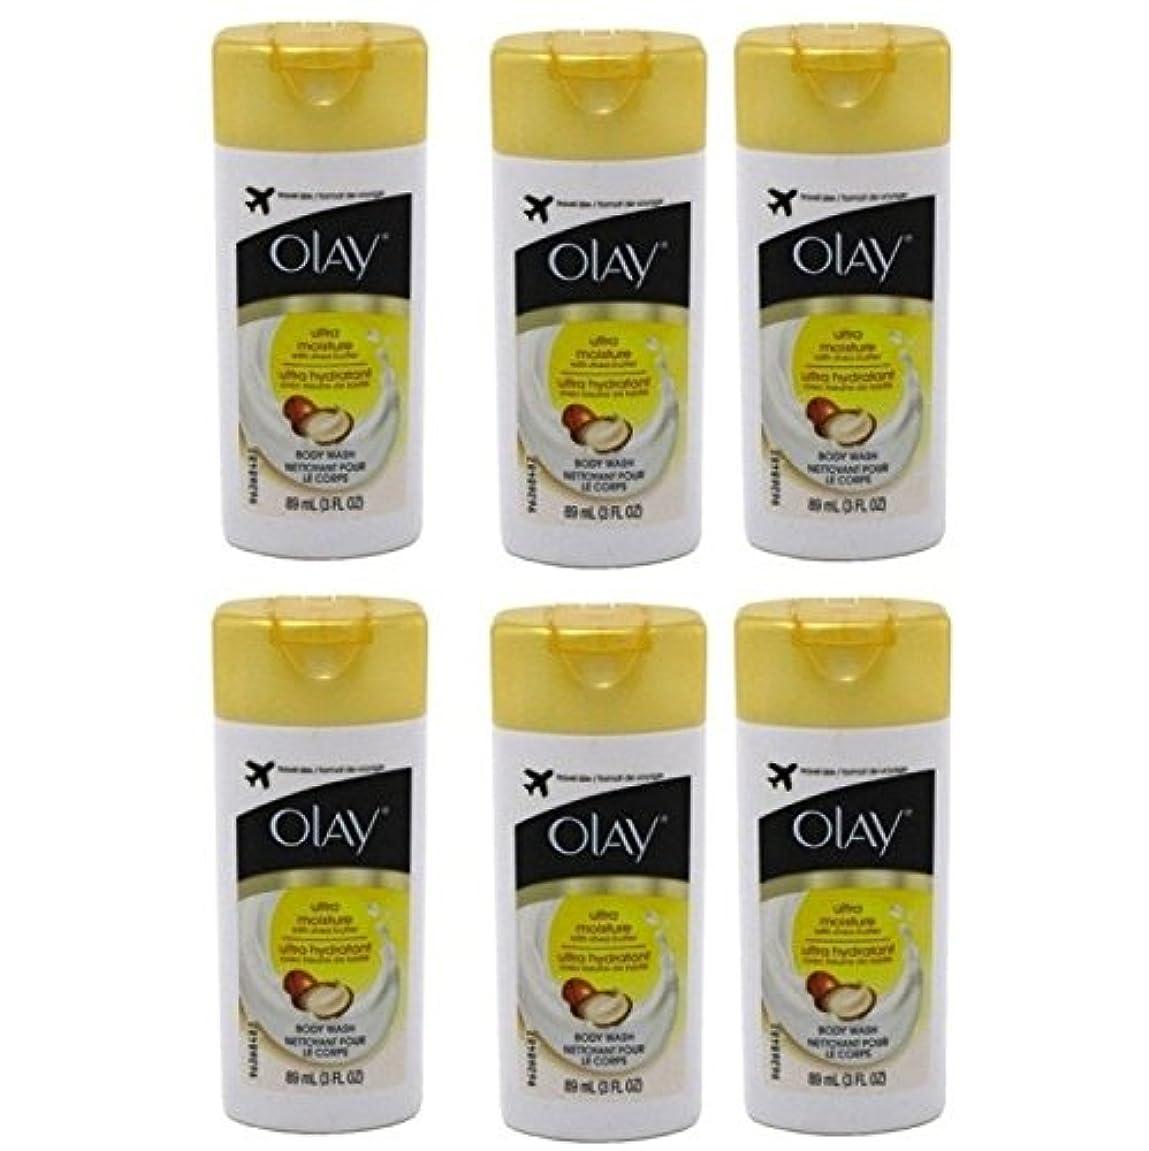 シネマ寄付するバリーOlay Ultra Moisture Body Wash 3oz Travel Size by Olay